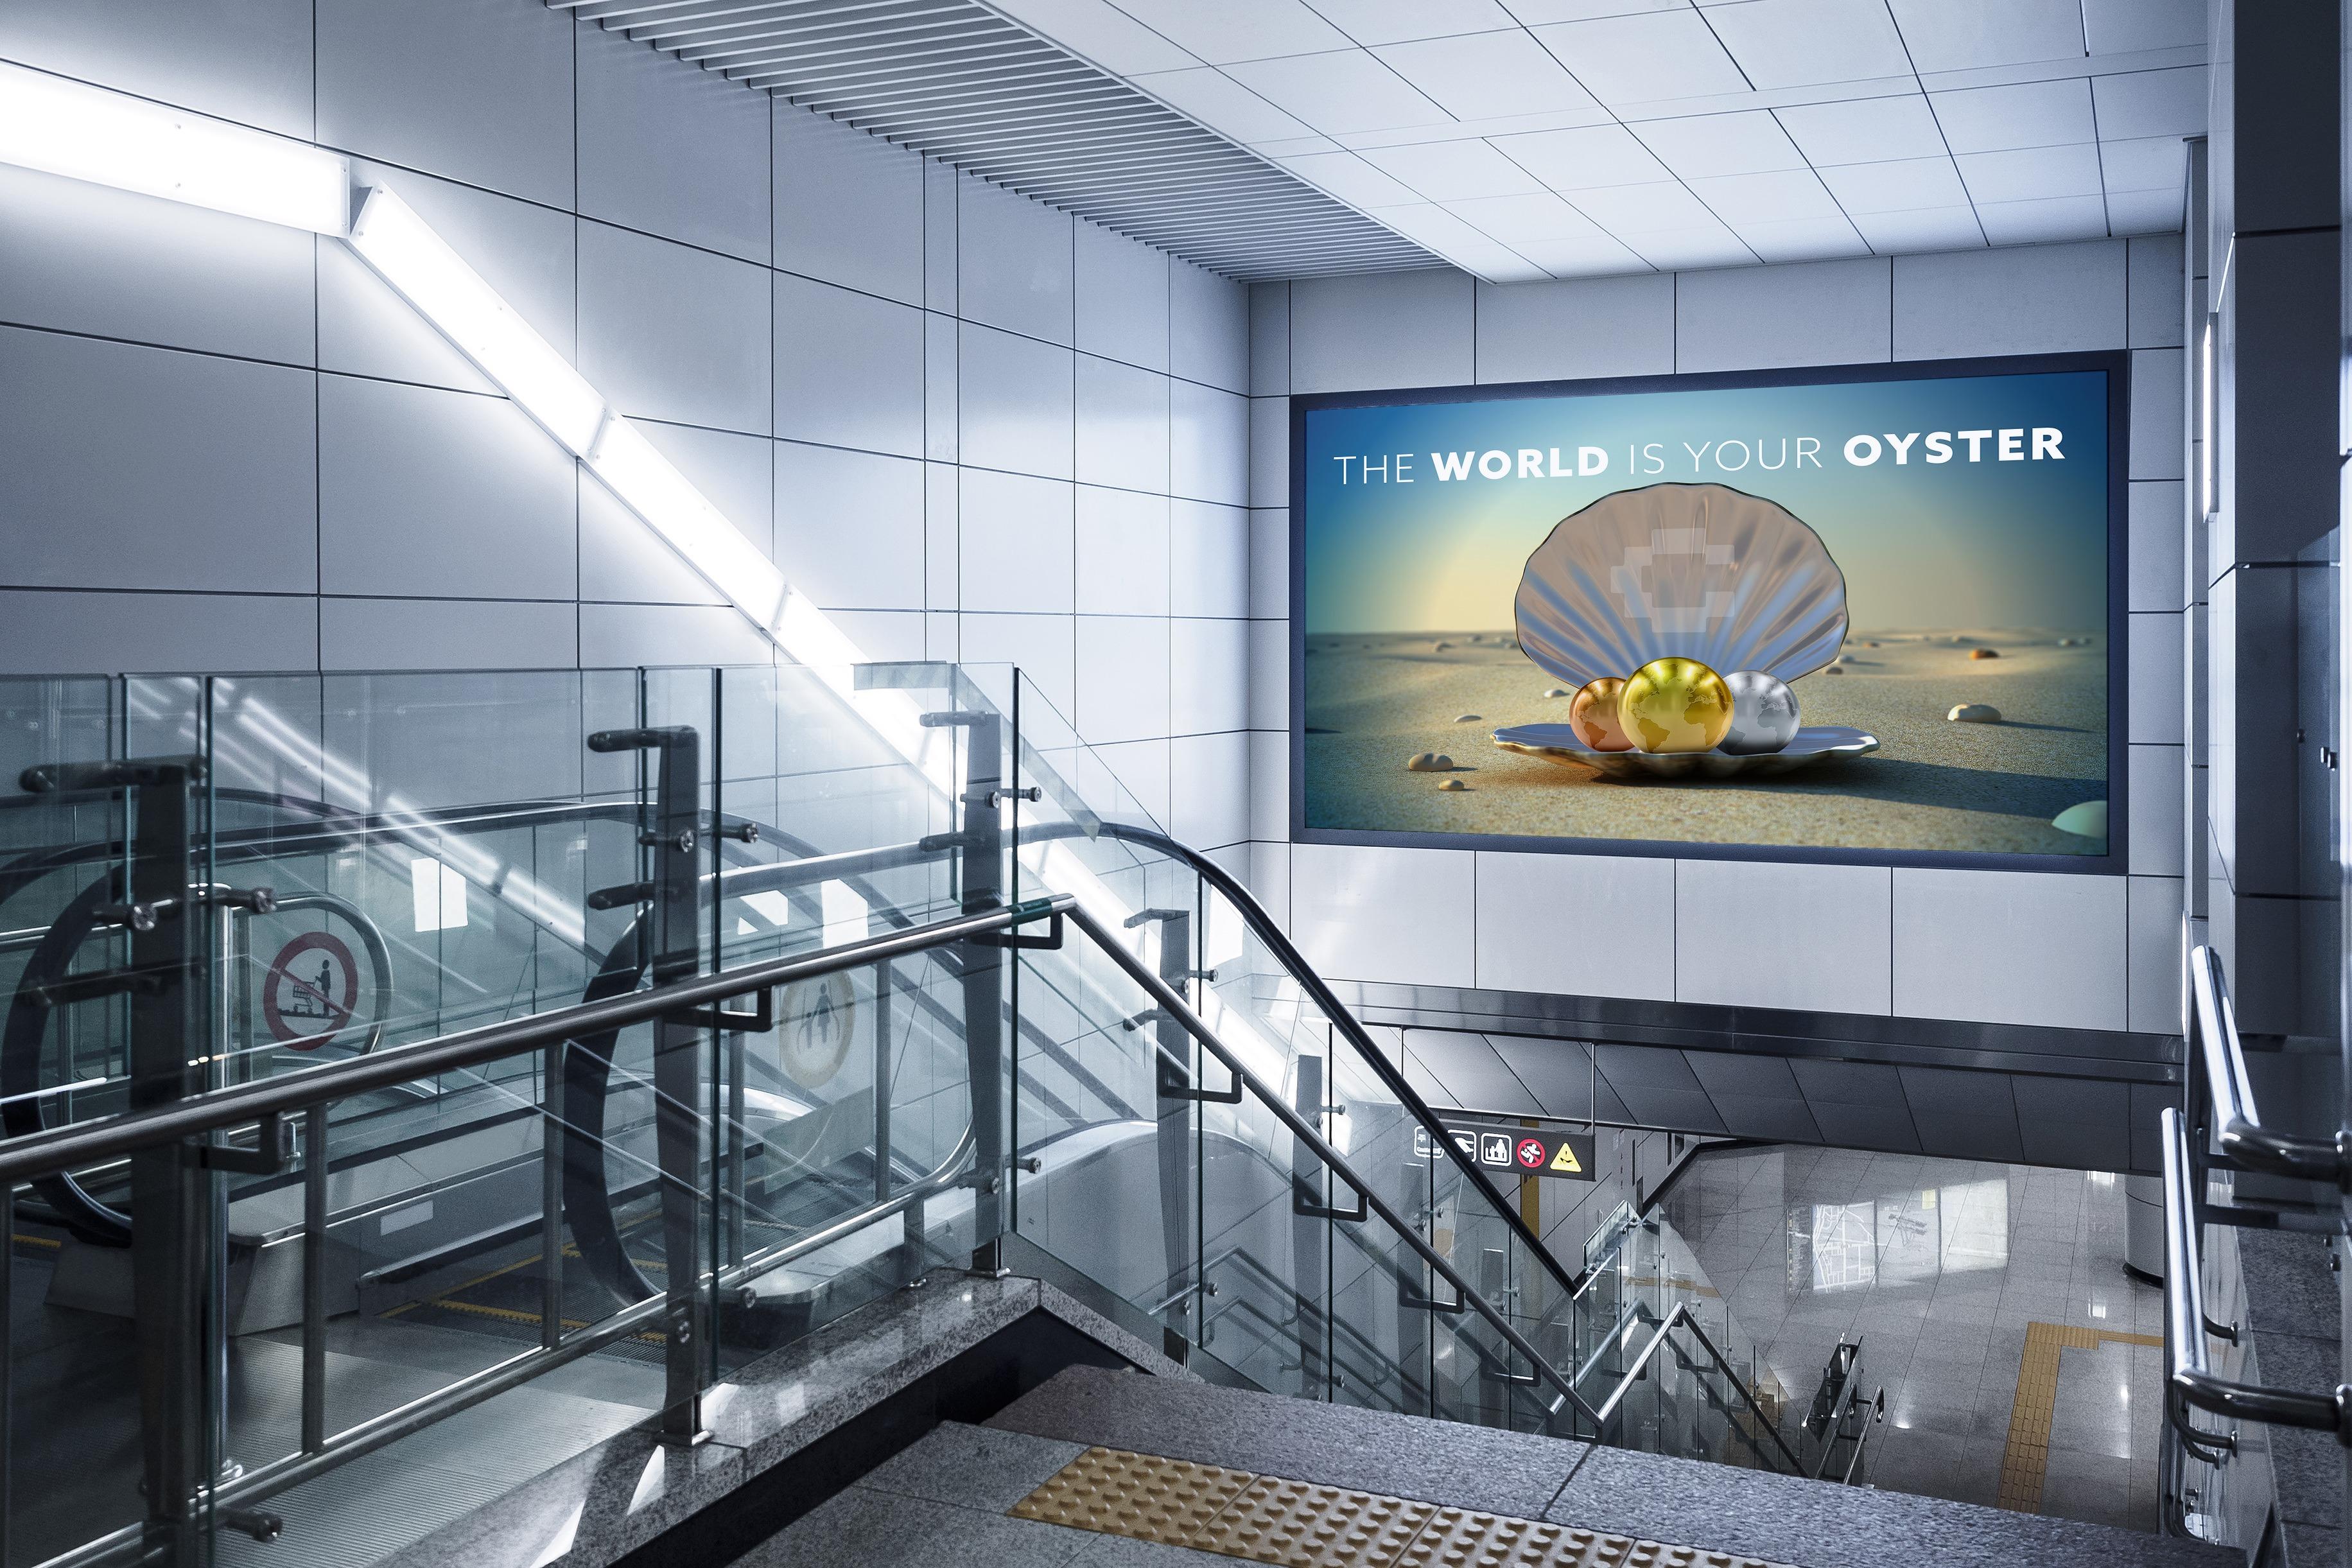 shutterstock_billboard_D2.jpg